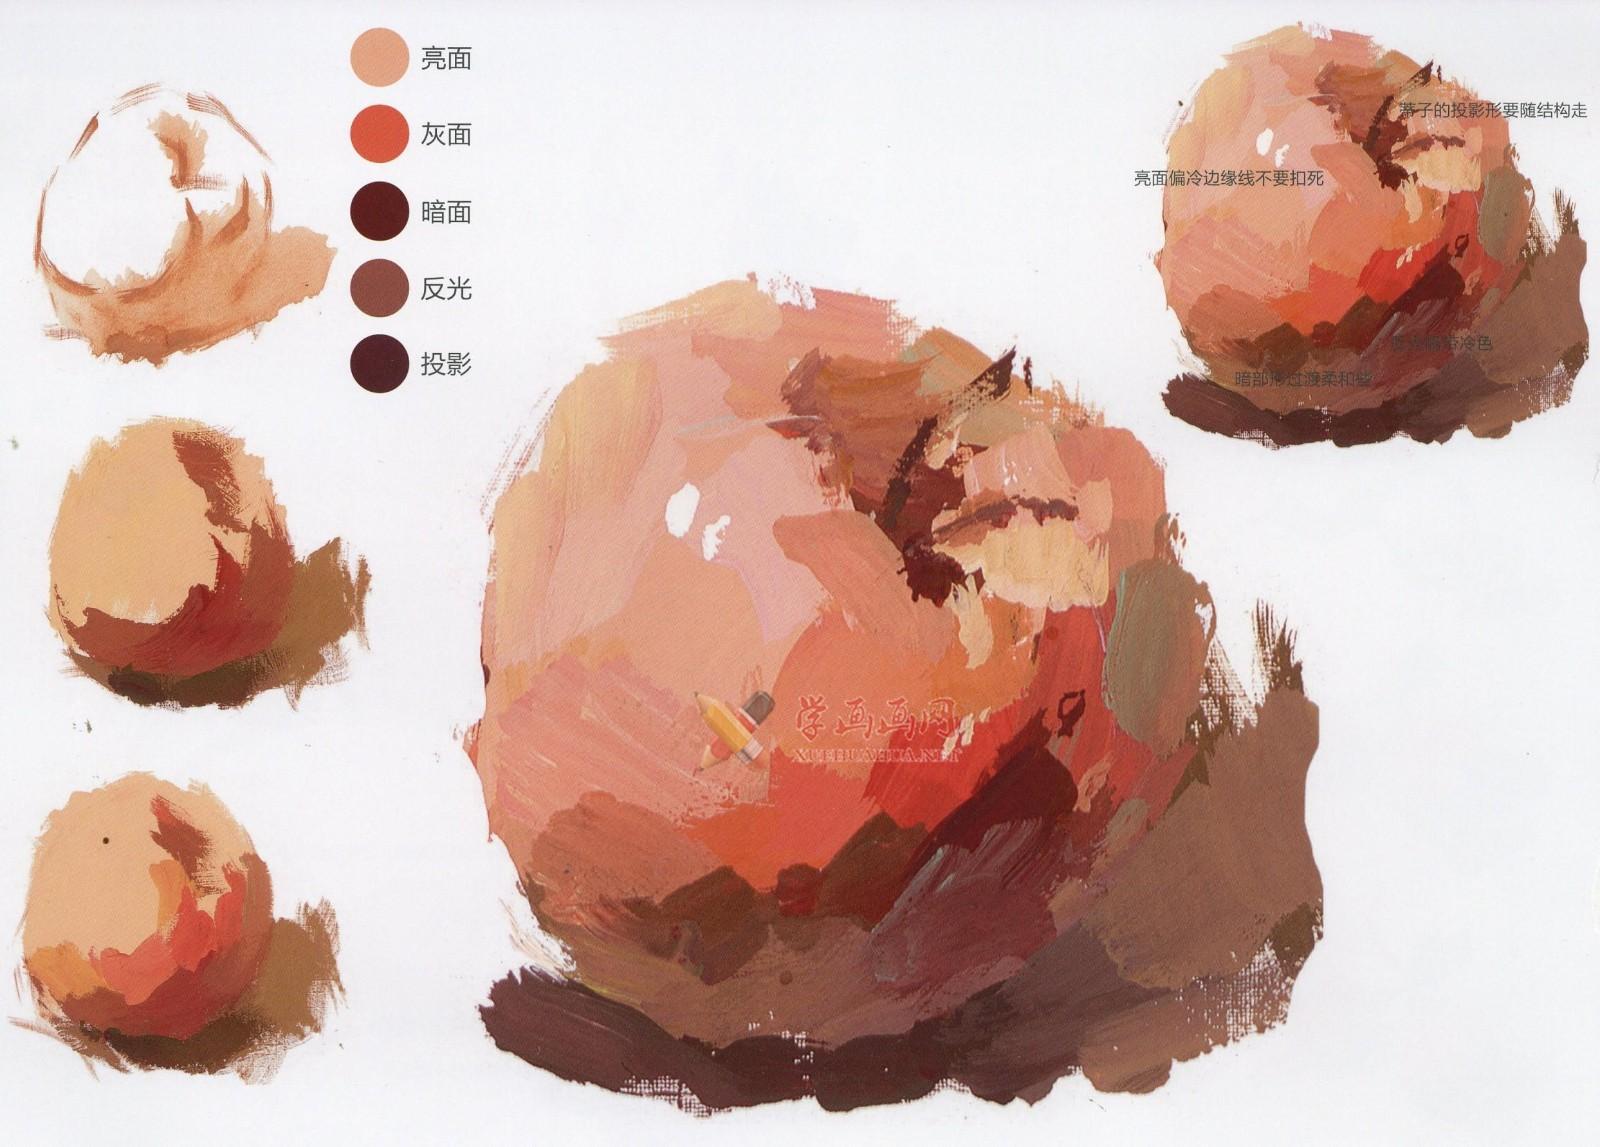 水粉画单体静物:苹果的画法图解及临摹高清范画图片(8)